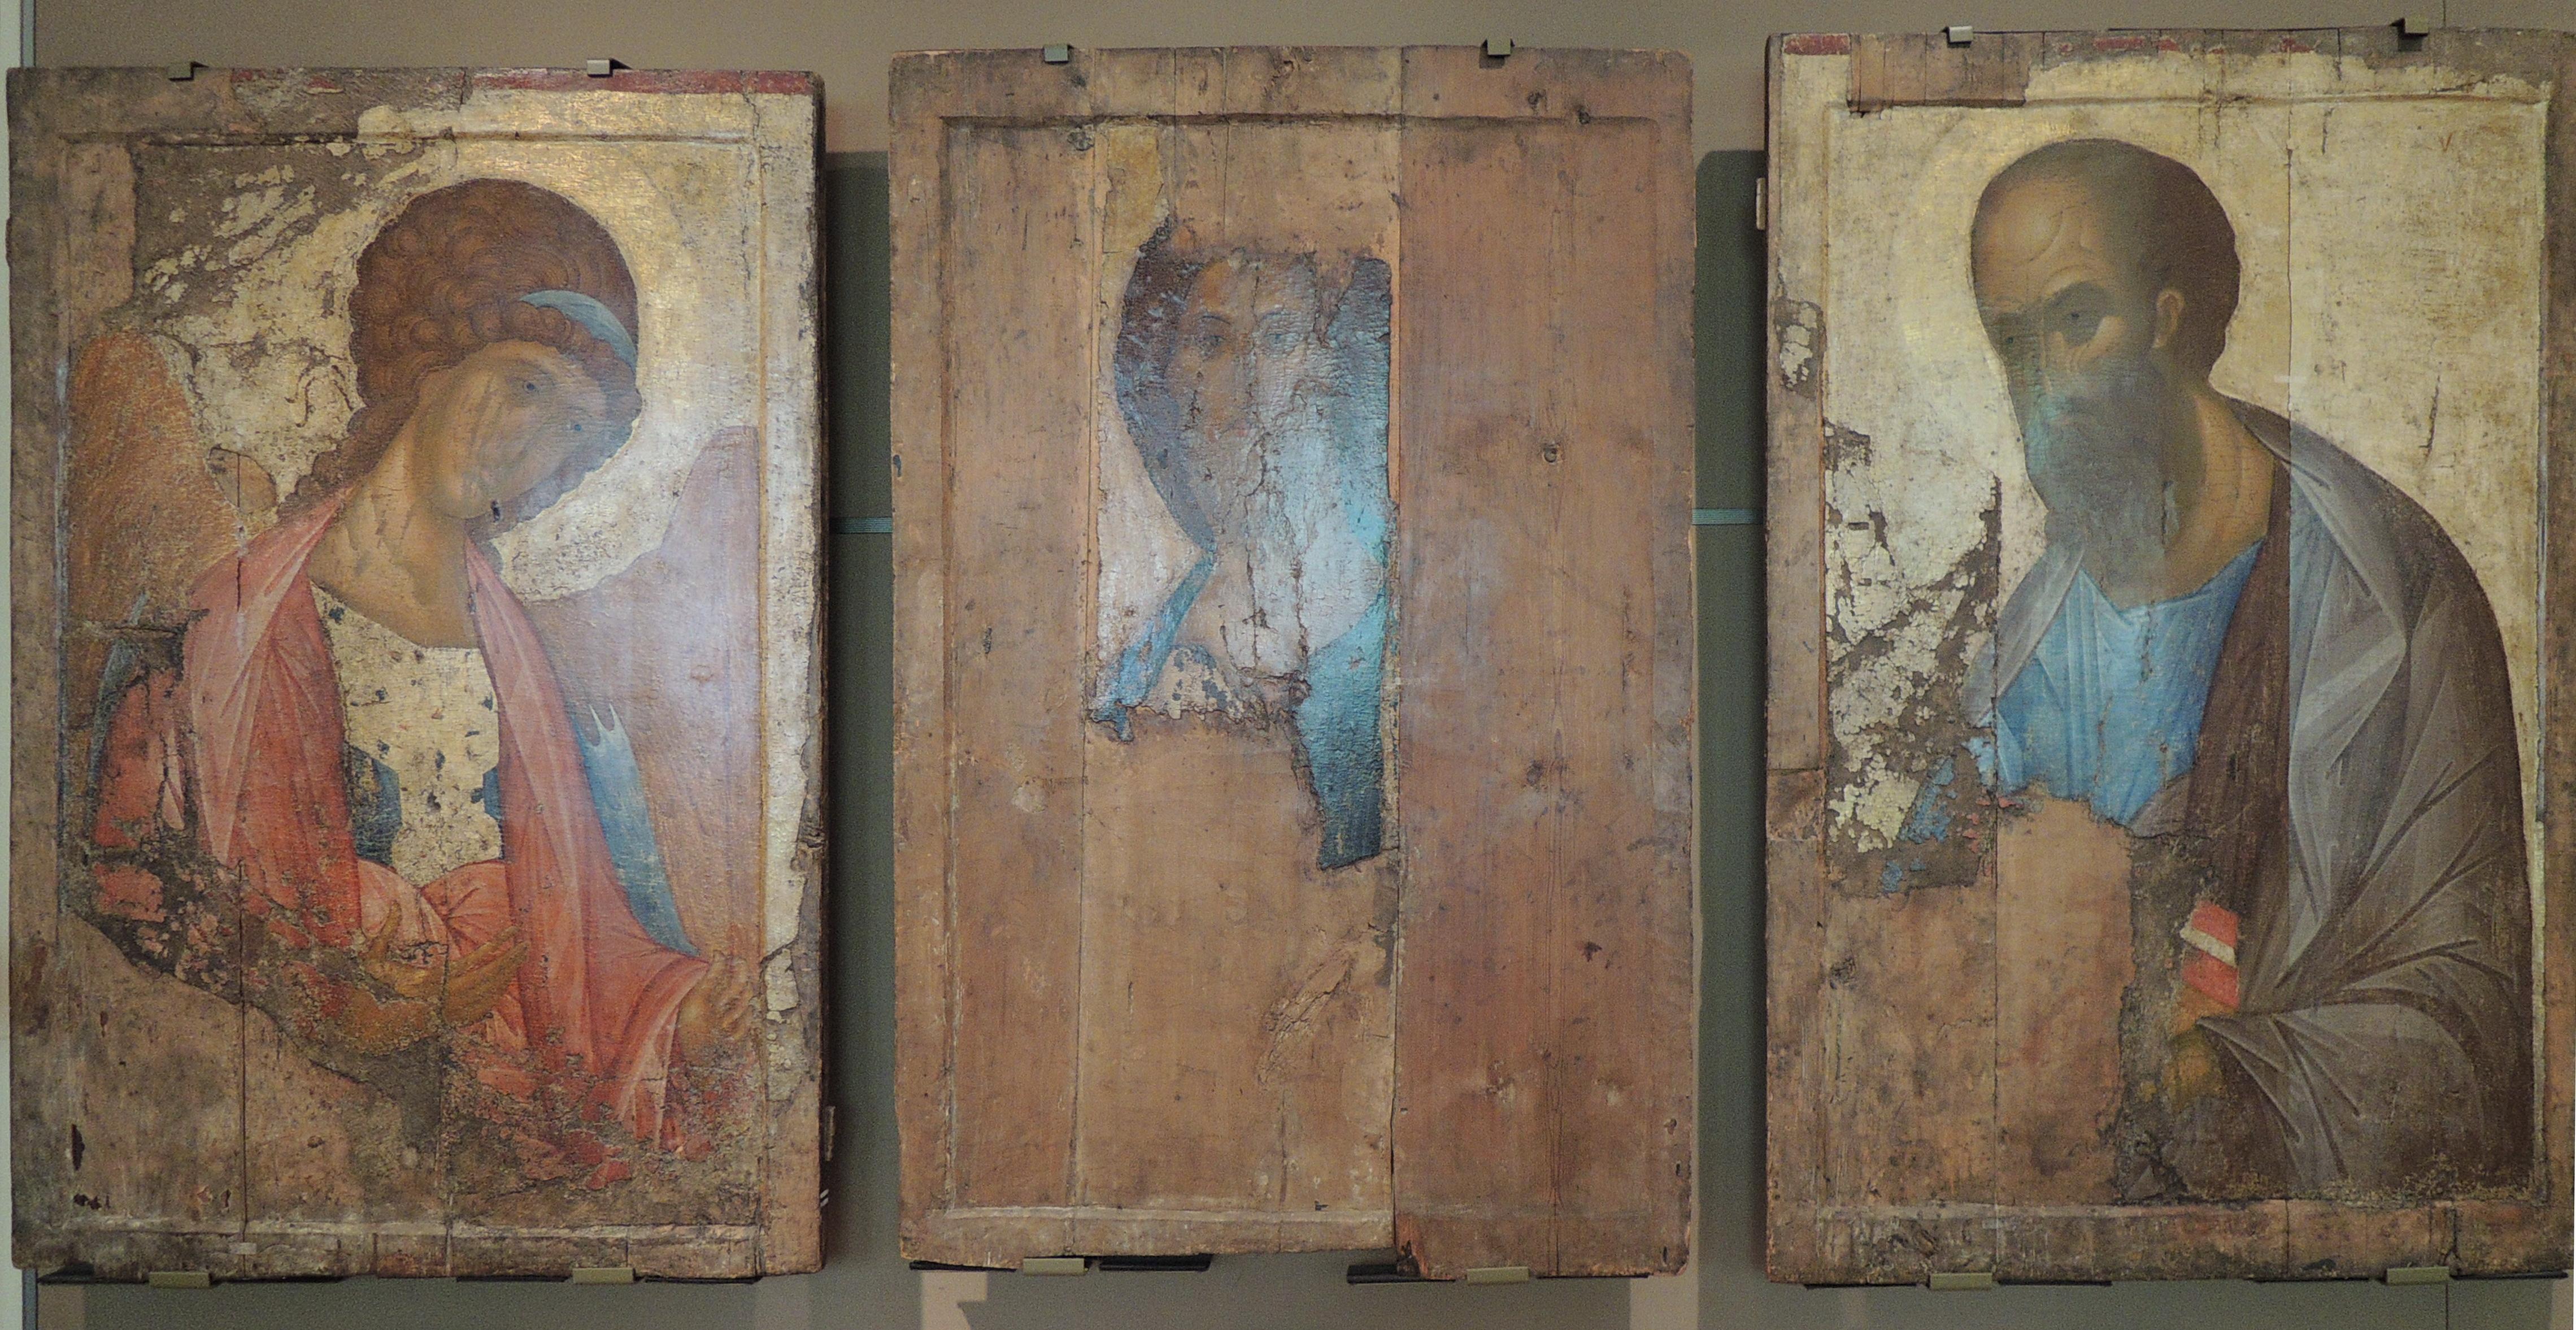 Această descoperire ne confruntă cu nevoia de a regândi istoria artei rusesti din această epocă și de a abandona mitologia familiară copilăriei.